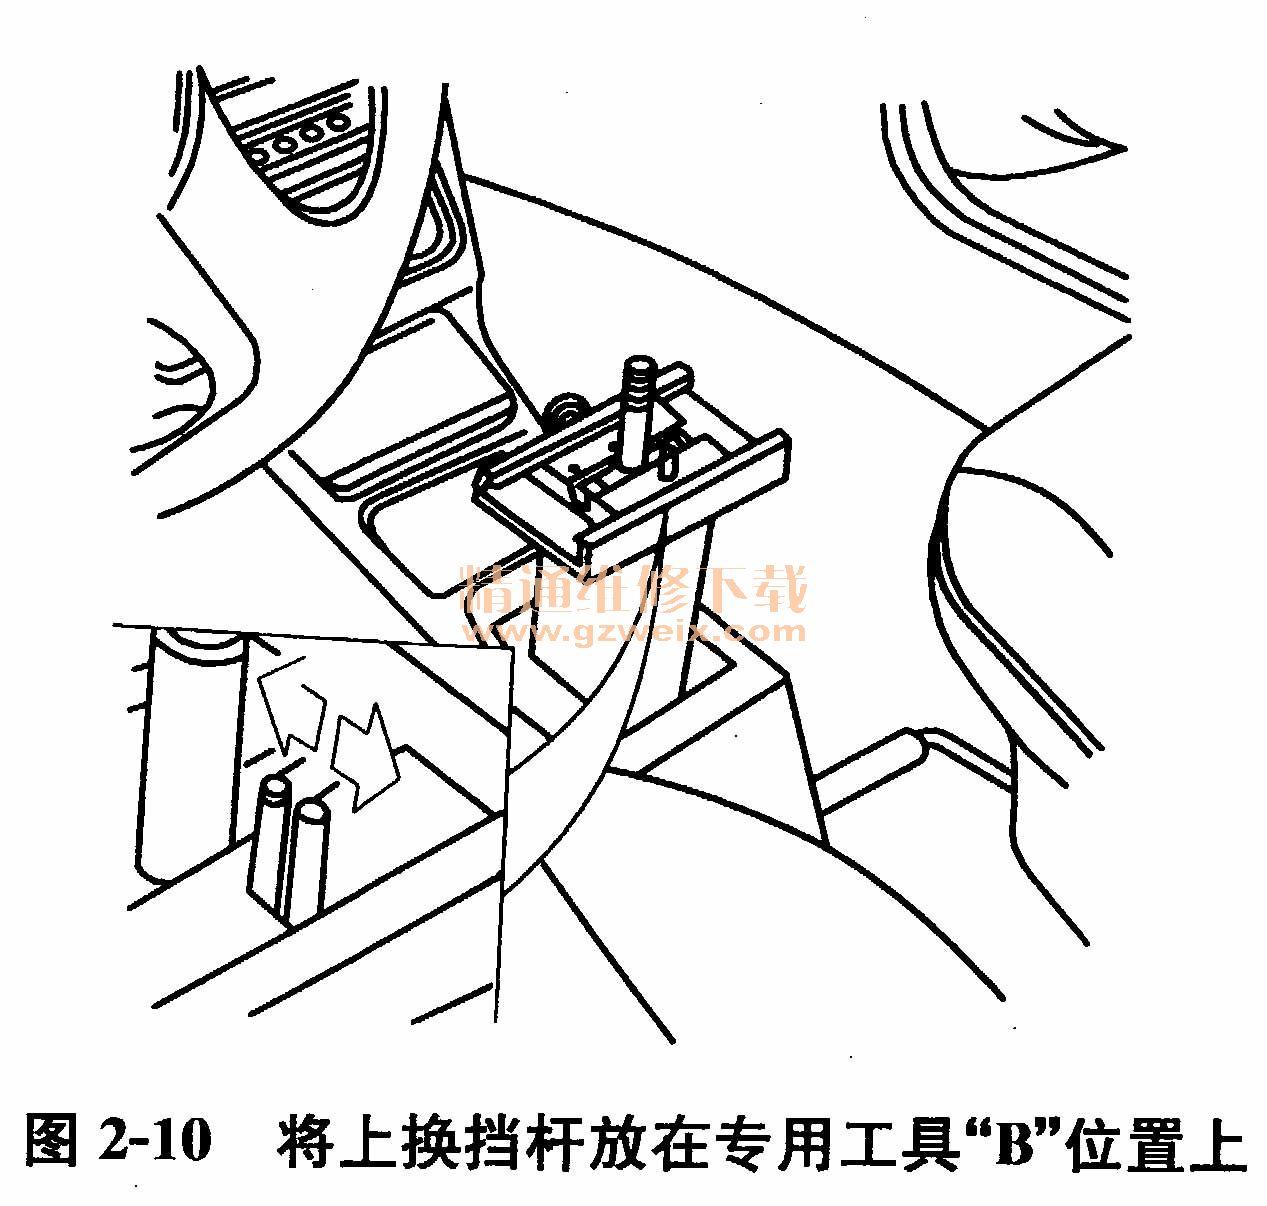 桑塔纳2000gsi型轿车手动变速器(mt)操纵机构的检查与